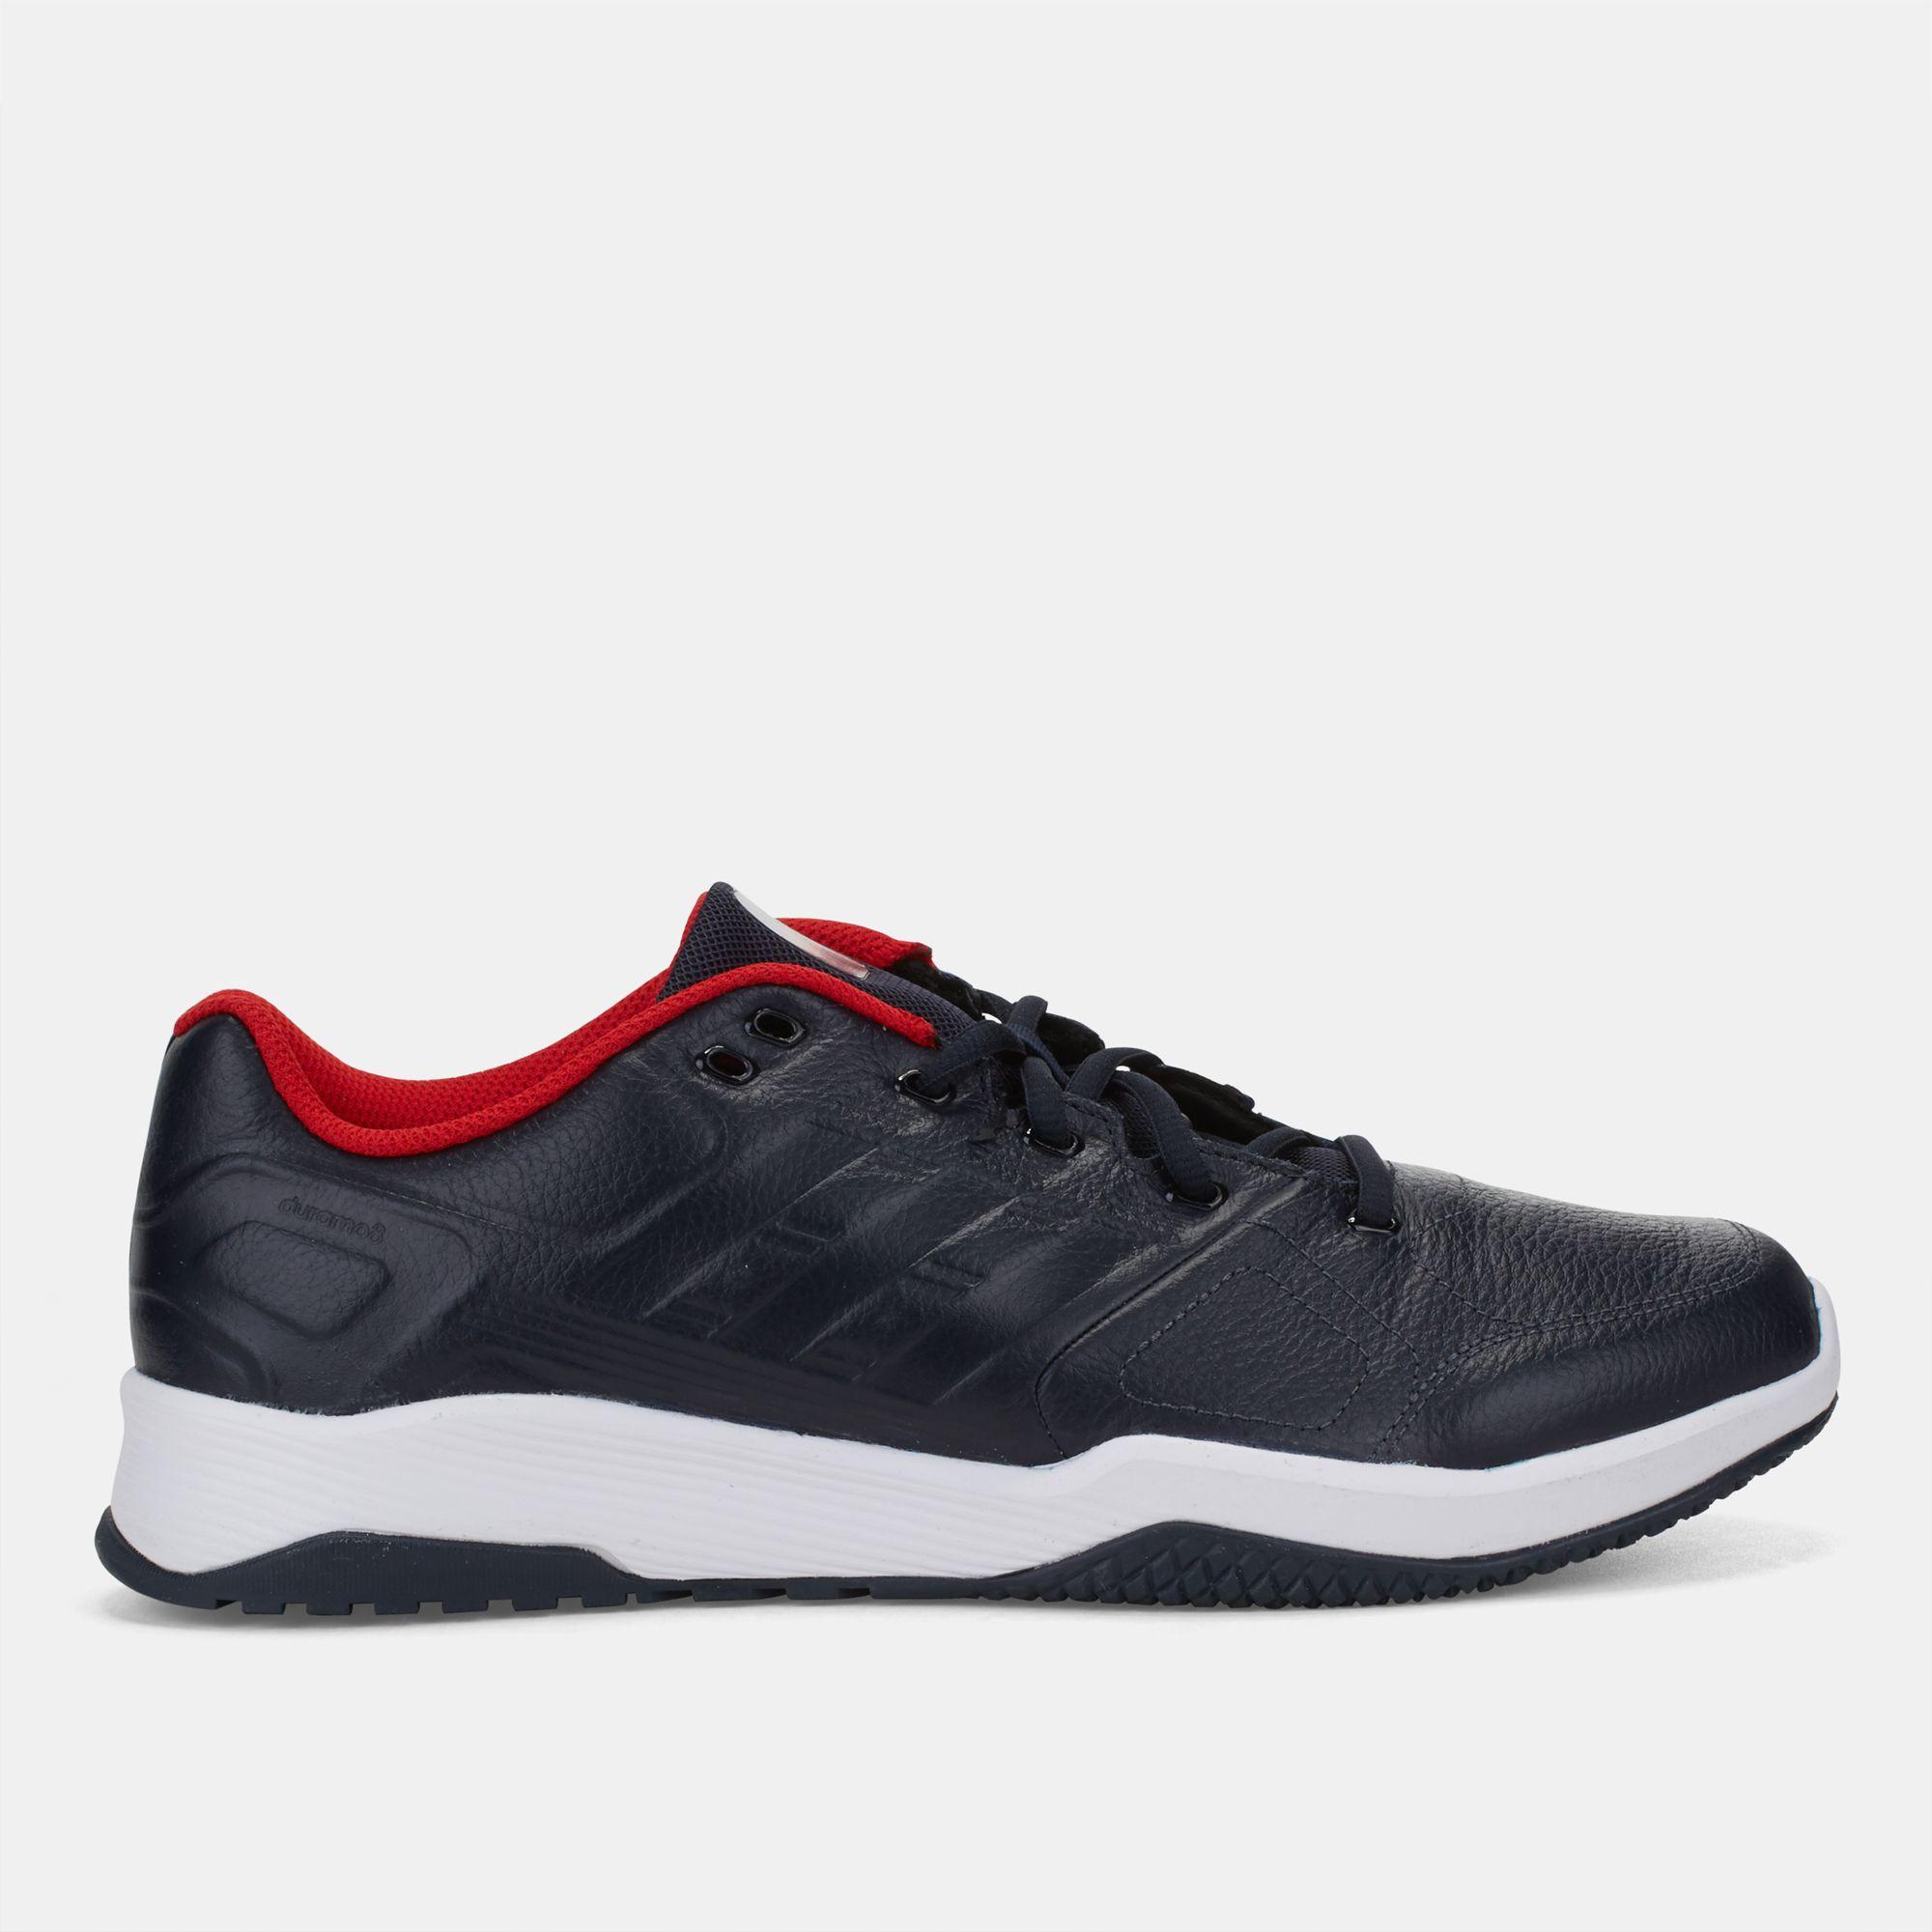 Adidas Duramo 8 zapato de cuero zapatos de los hombres zapatos deportivos venta